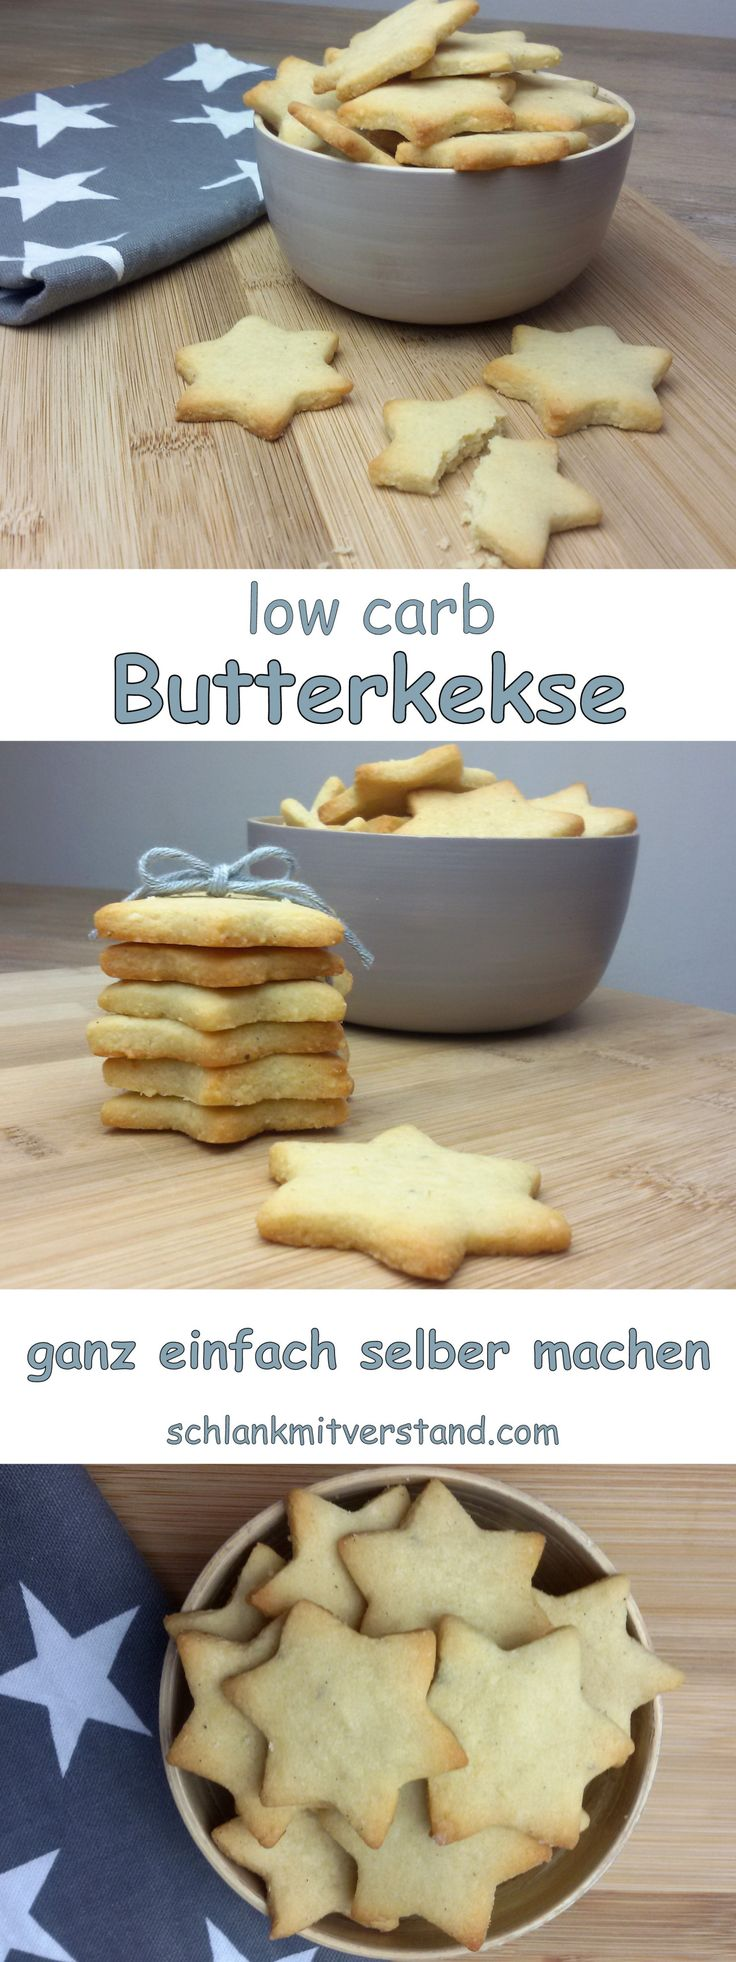 low carb Butterkekse einfach selber machen Bei uns gab es heute wieder leckere Butterkekse. Das Mandelmehl sollte entölt sein. Zutaten für ca. 30 Stück: 100 g Butter, weich 80 g * Mandelmehl, entölt 30 g * Xylit (fein) 1/2 TL * Sonnentor Vanillepulver 1 Prise Salz #abnehmen #lowcarb #Rezept #deutsch #Foodblog #Kekse #Sterne